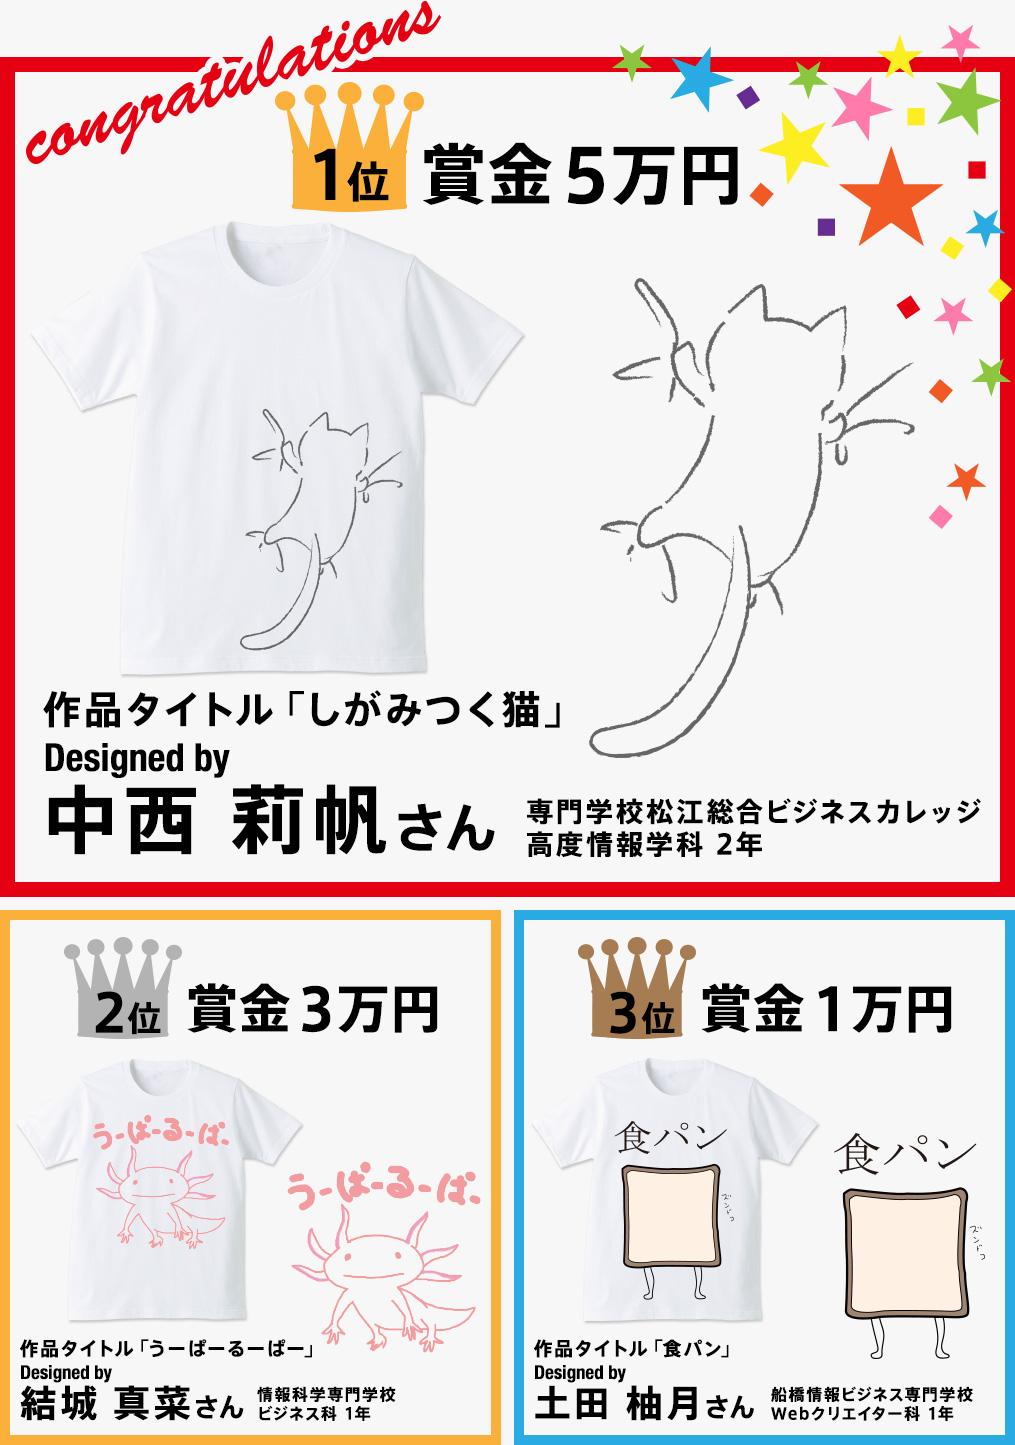 専門学生対象 Spring & Summer 2017 Tシャツデザインコンテスト 結果発表!